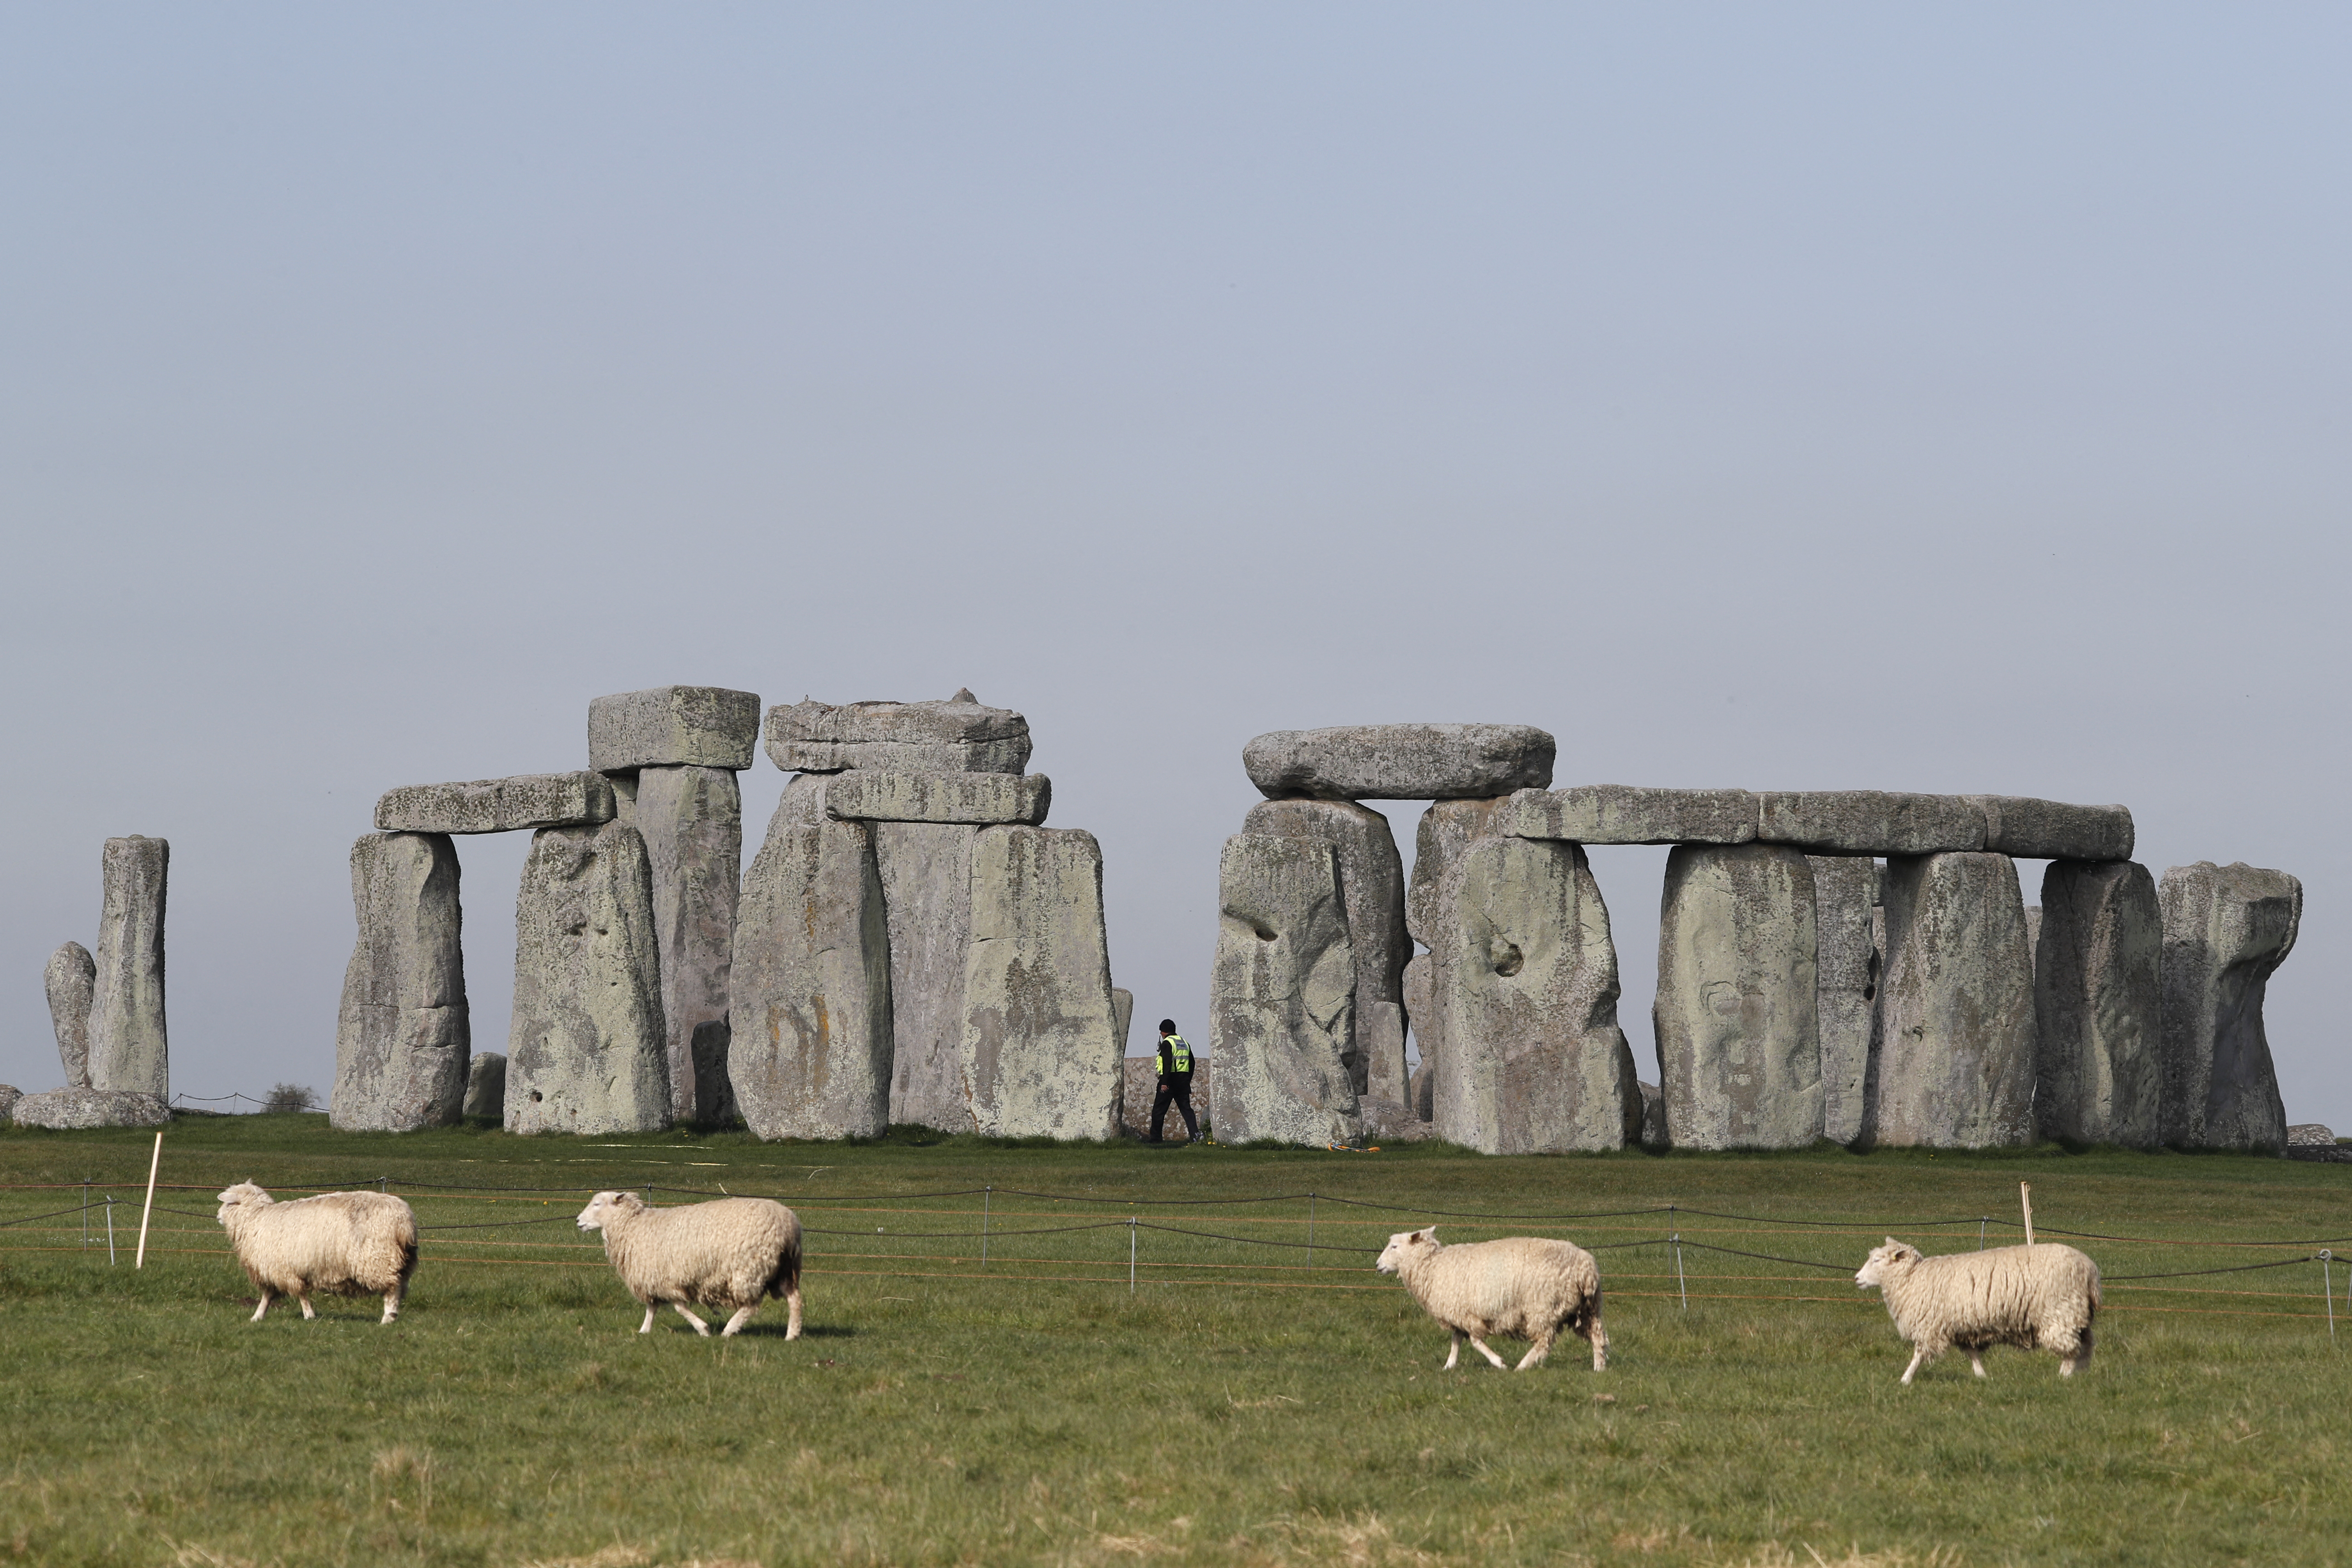 Kiderült, hogy a stonehenge-i kőkörök egy része eredetileg 225 kilométerrel odébb, Walesben állt